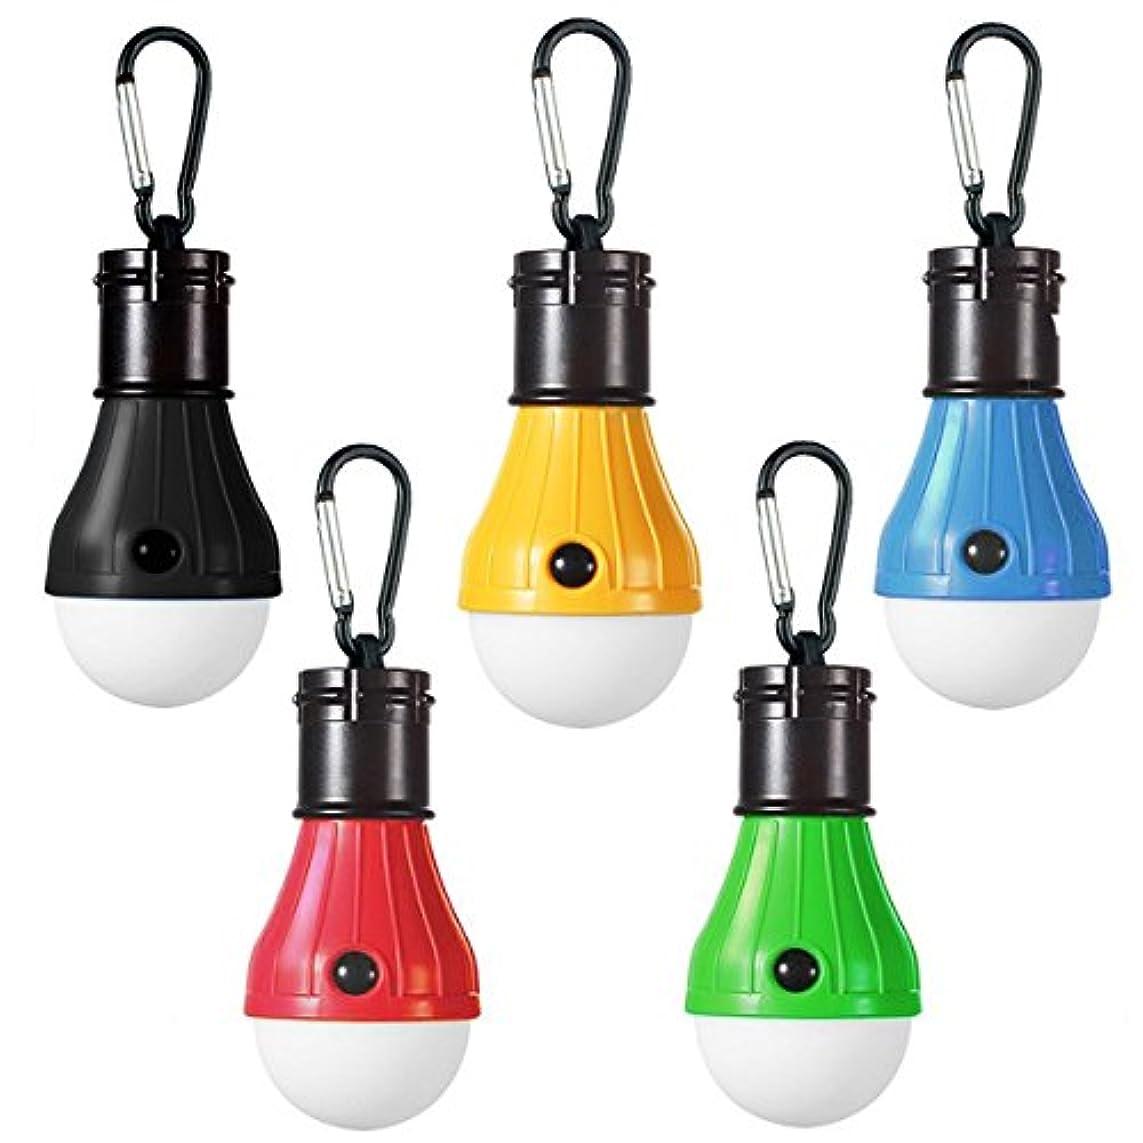 スカウトペイントおとなしいLEDランタン アウトドア用 吊り 3 LED 屋外 キャンプ テント ライト 電球 釣り ランタン ポータブル 懐中電灯 釣り提灯